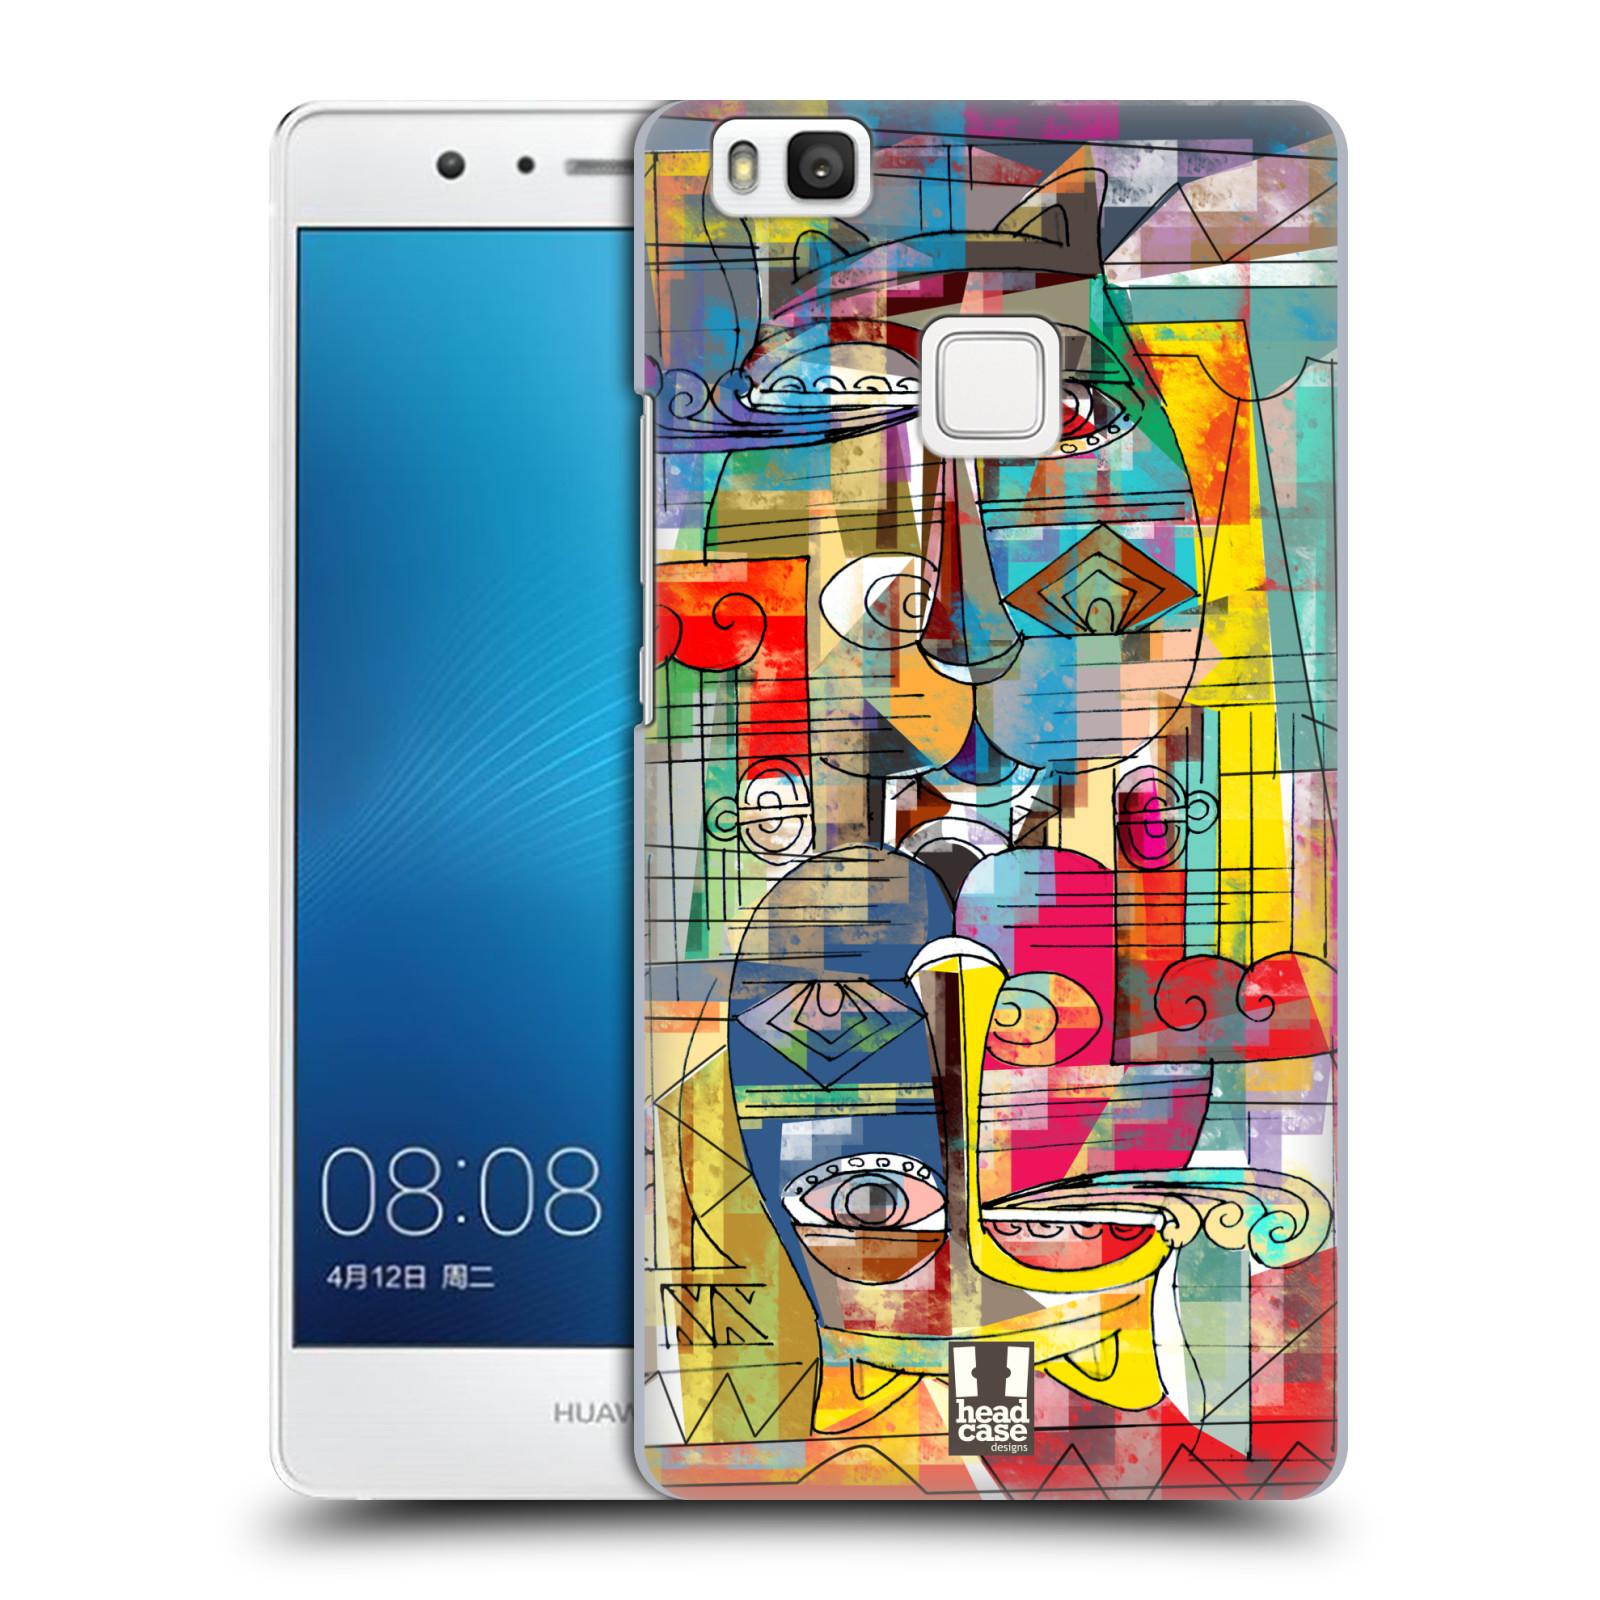 Plastové pouzdro na mobil Huawei P9 Lite HEAD CASE AZTEC MANX